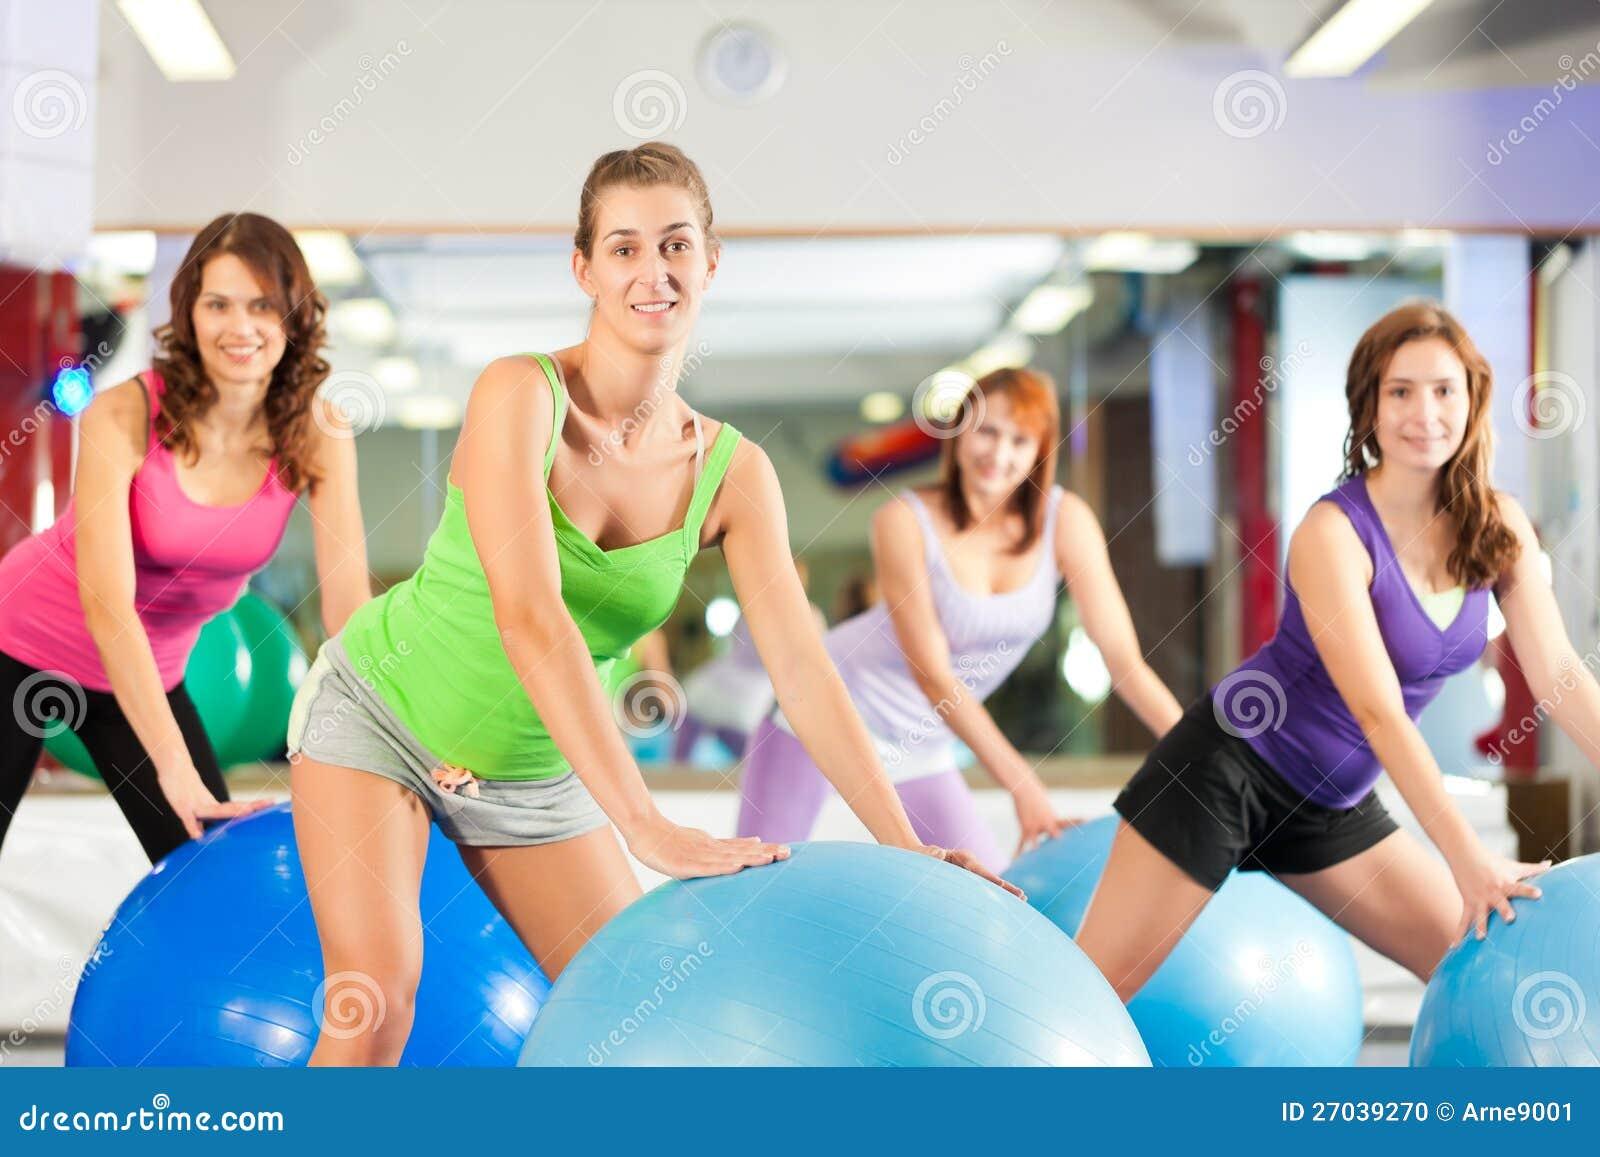 Женщины пригодности гимнастики - тренировка и разминка